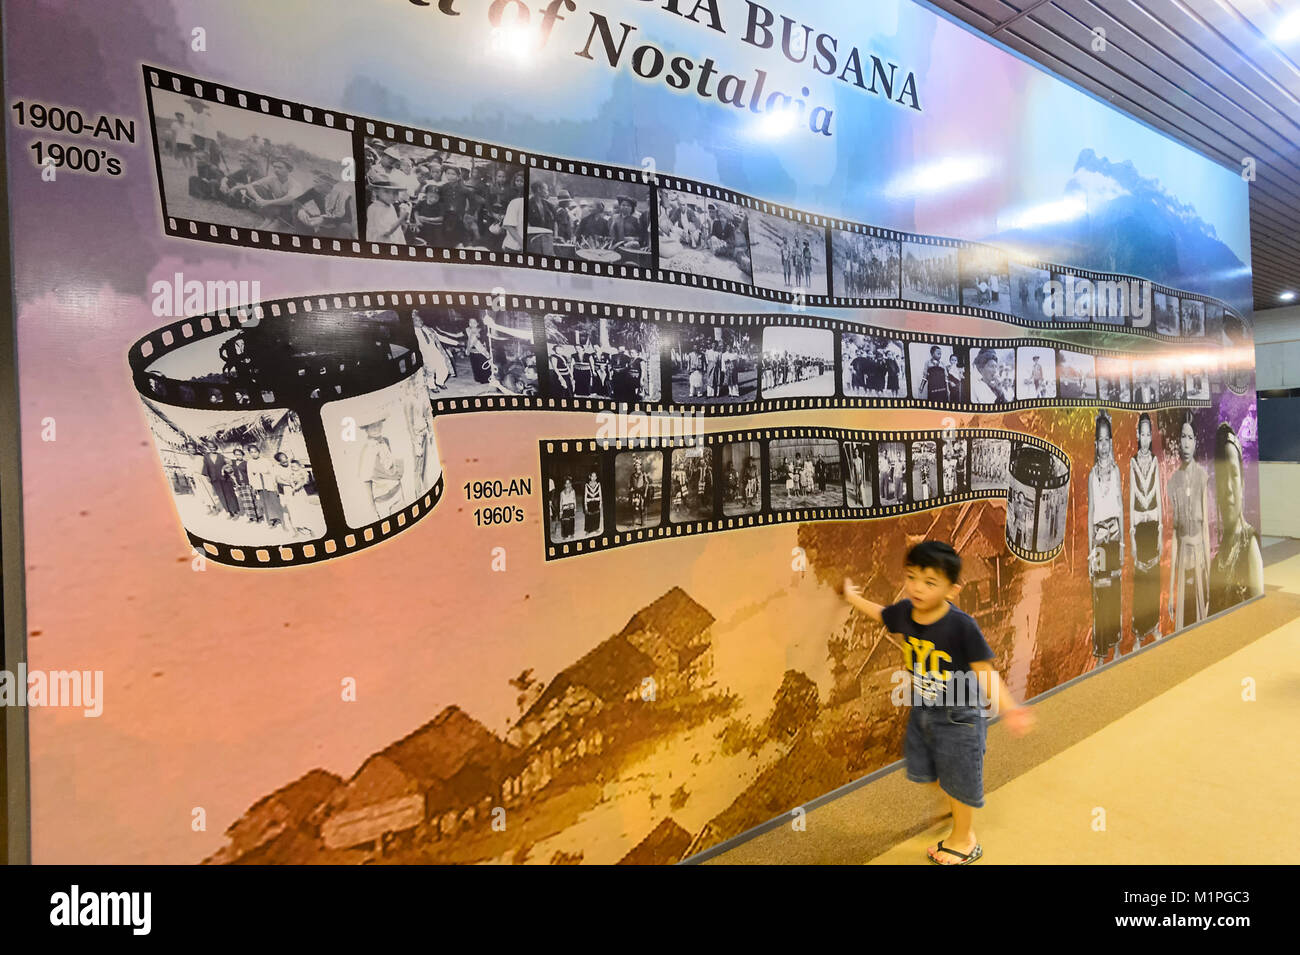 Wand von Nostalgie an der Muzium Sabah, Kota Kinabalu, Sabah, Borneo, Malaysia Stockbild